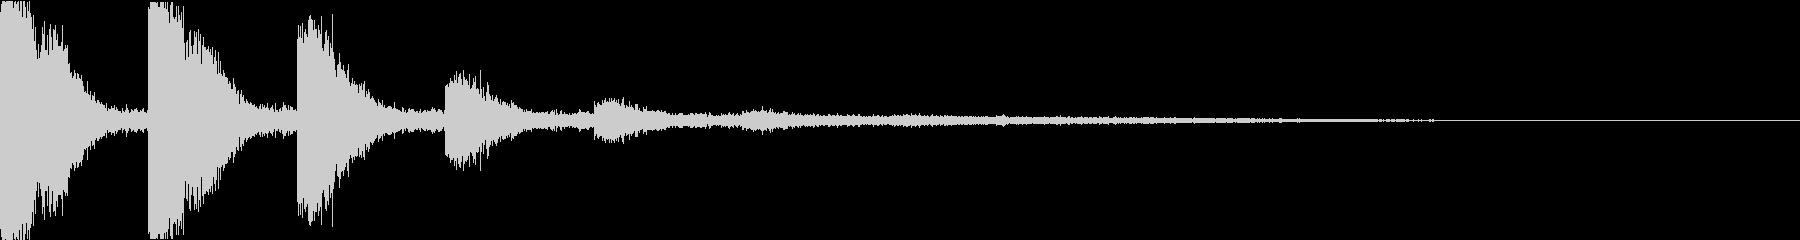 スネア:衝撃音・迫力・インパクトbの未再生の波形